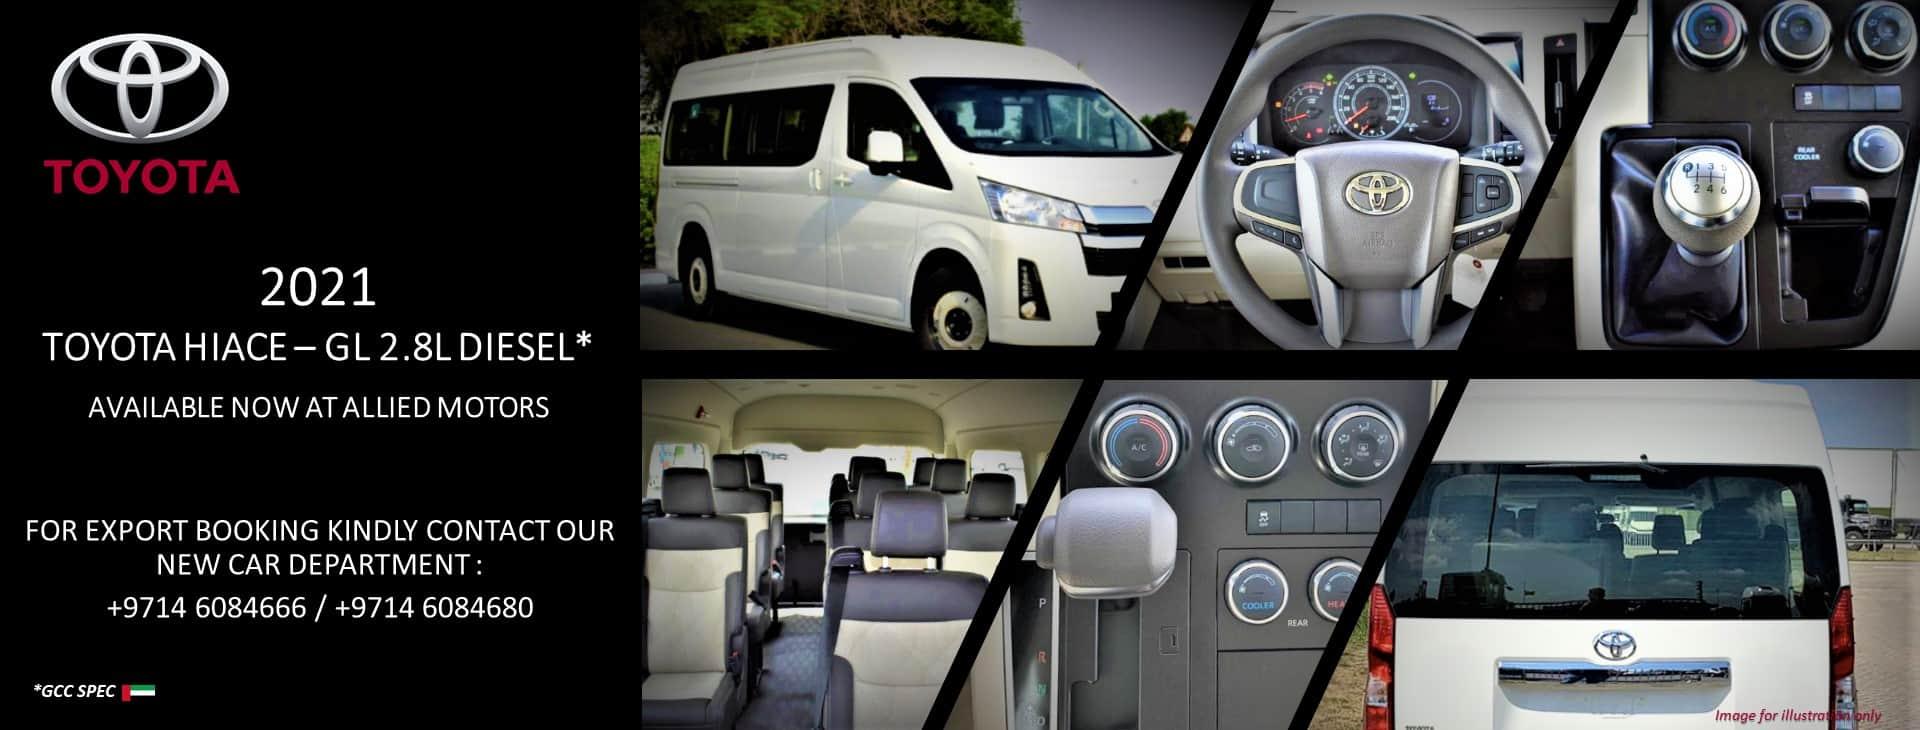 Toyota Hiace GL 2.8L 2021